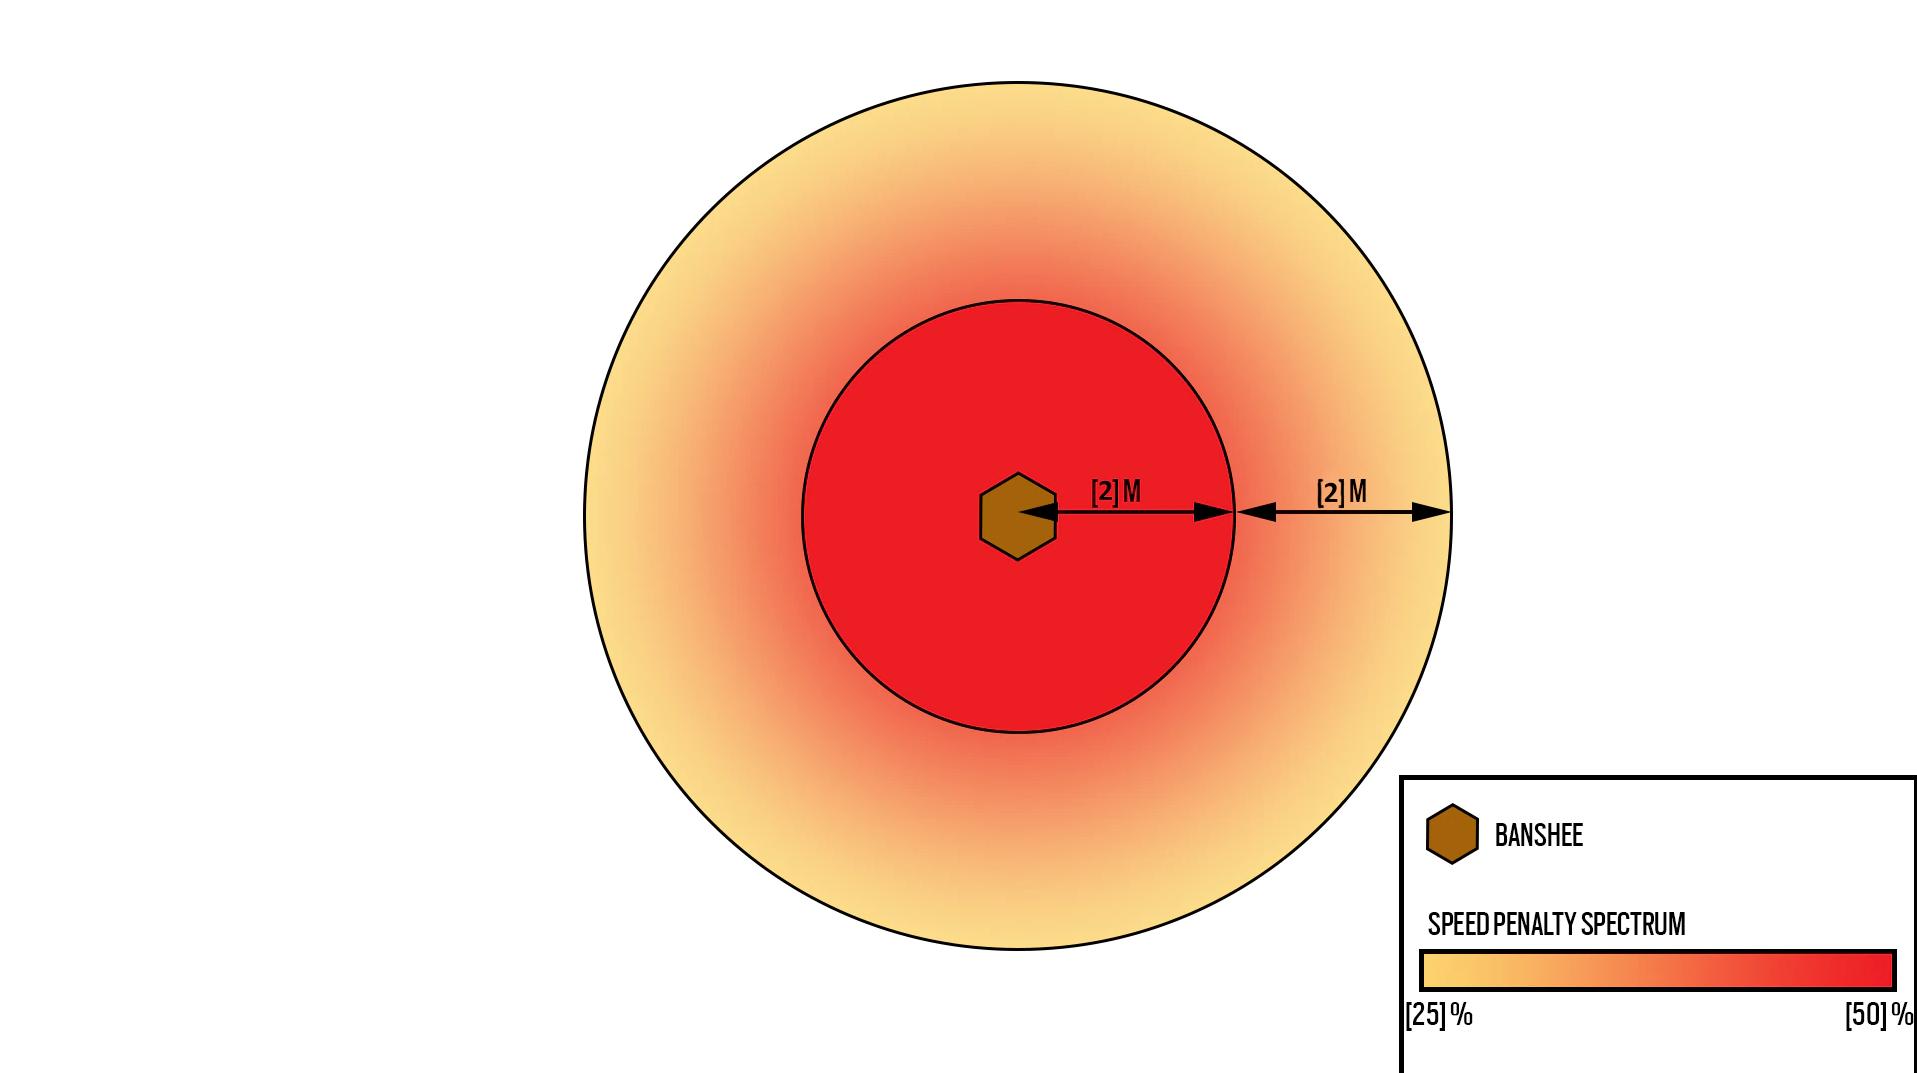 Banshee Range Visualizer